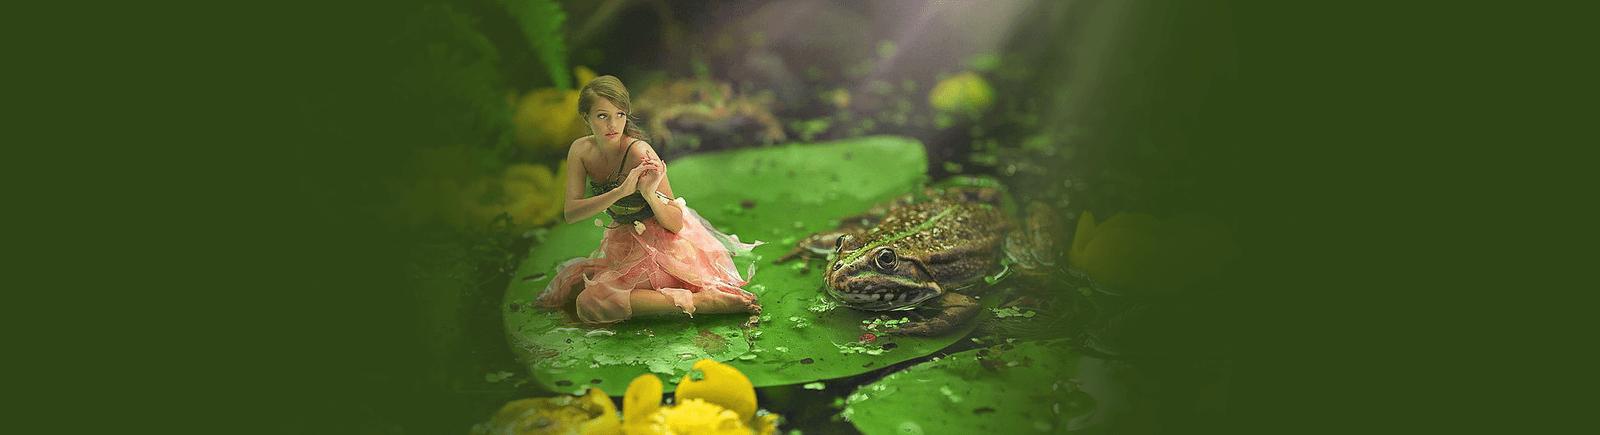 Путь становления женщины: От лягушки-царевны до Василисы Премудрой